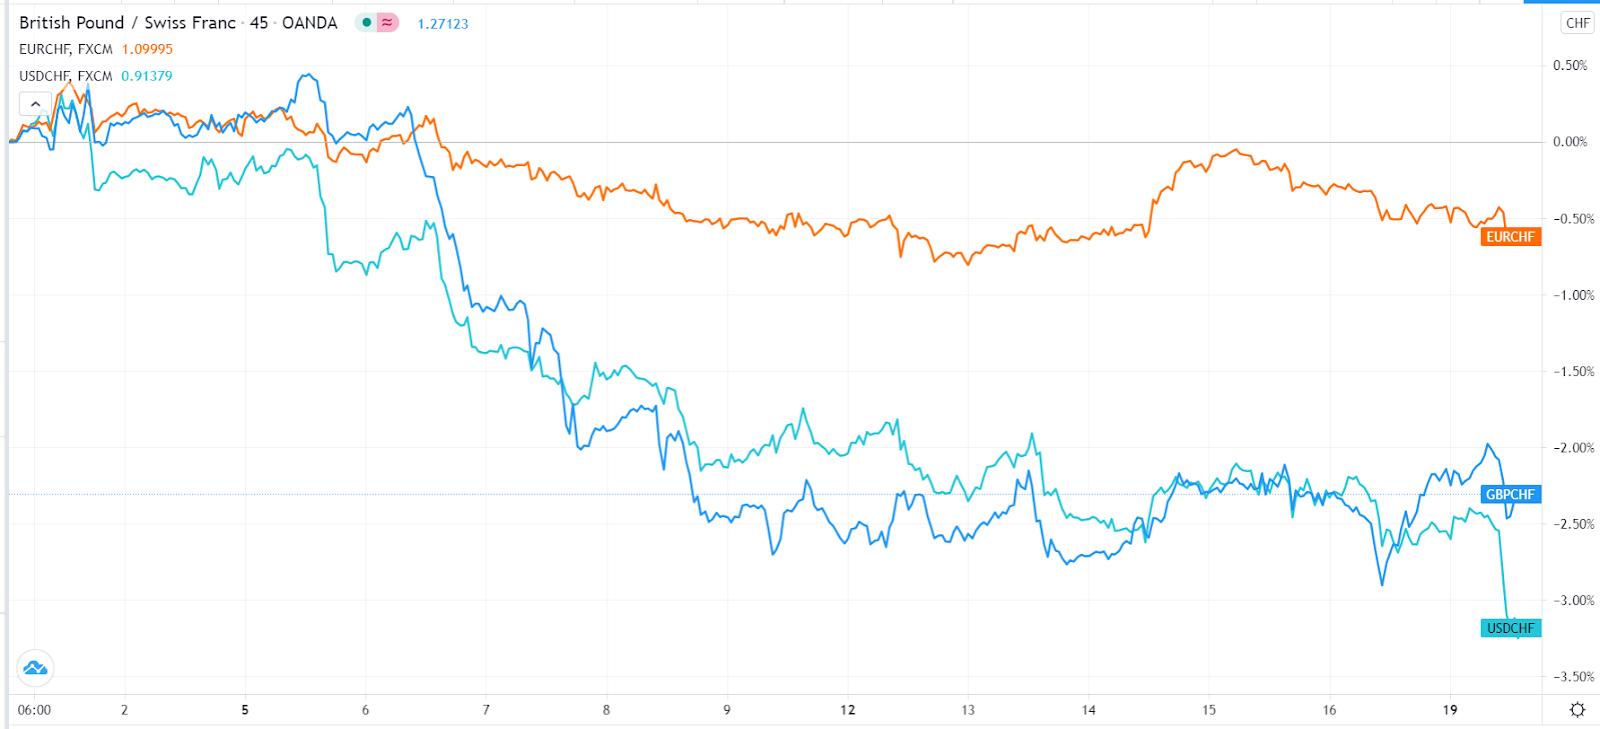 USD/CHF sinks to 6-week low as US bond yields retreat